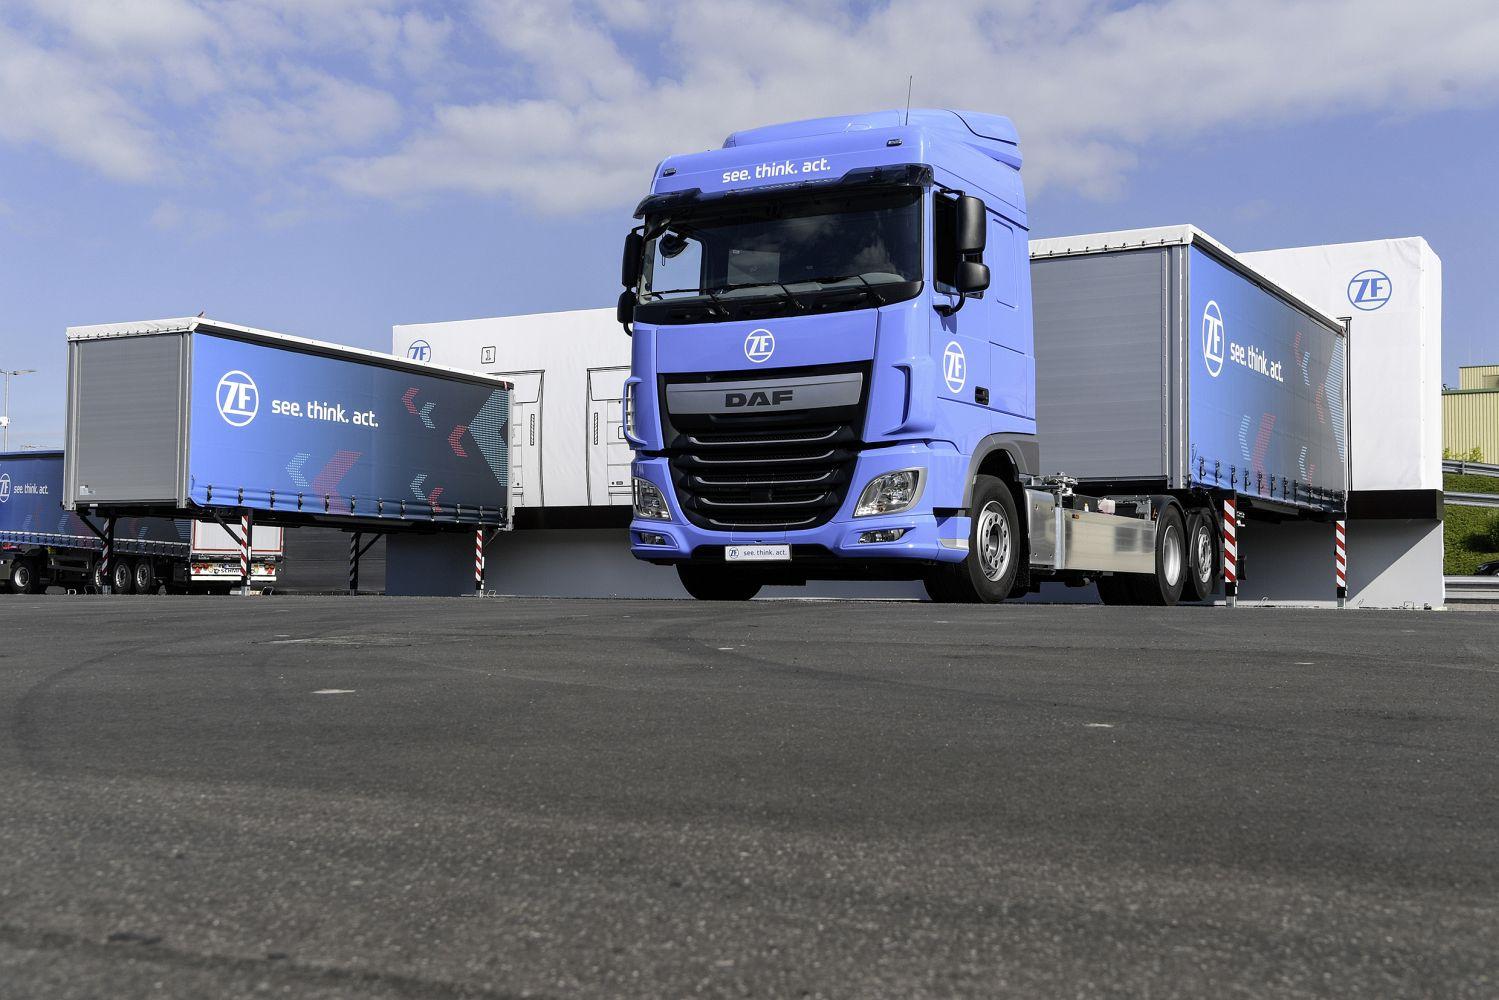 Auf dem Betriebshof der Zukunft ist der Truck völlig autonom unterwegs. Foto: ZF